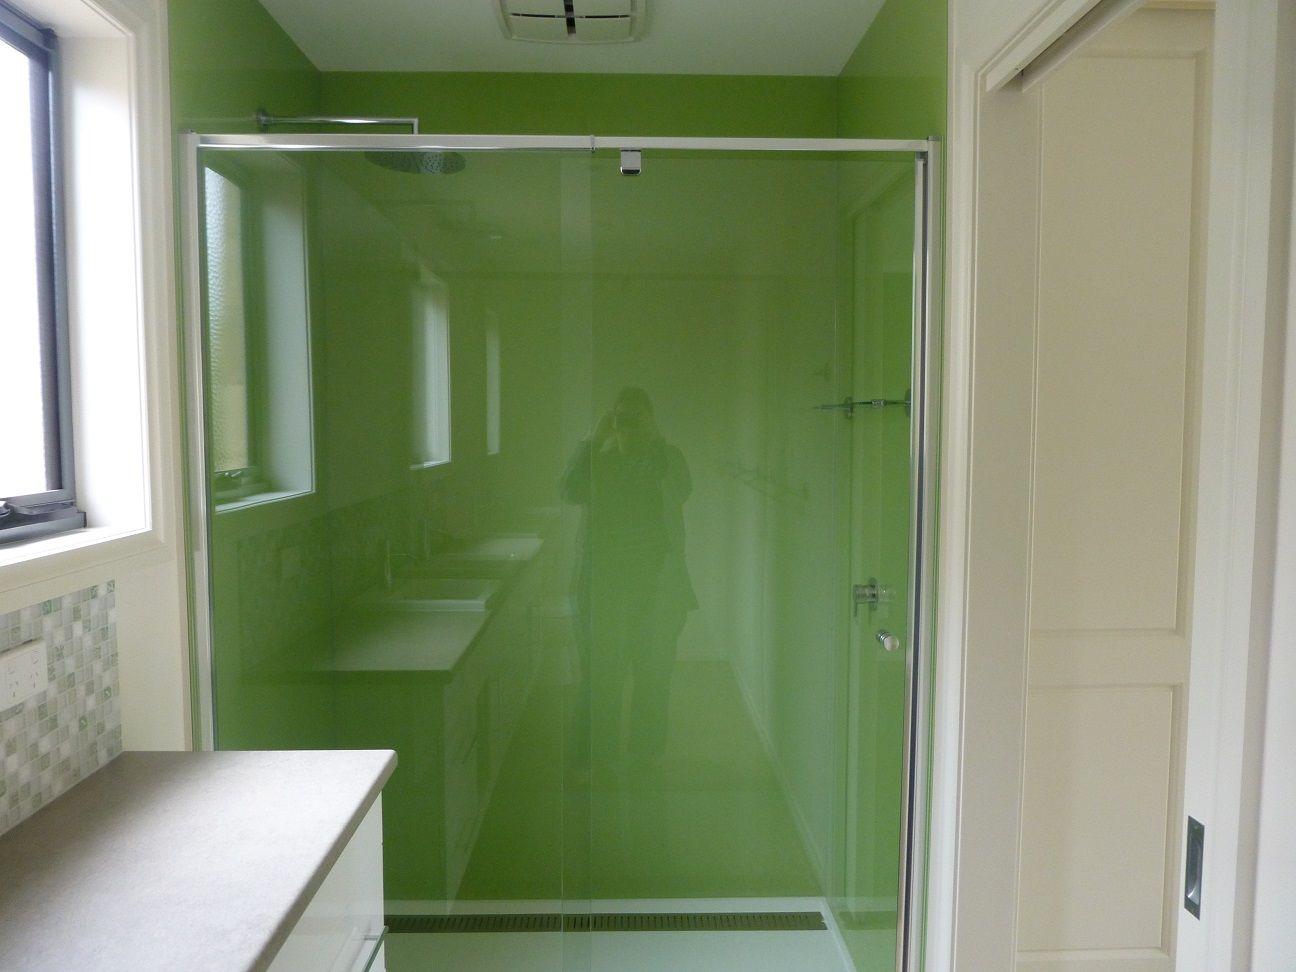 1000  images about Bathroom Acrylic Painted Splashbacks on Pinterest   Acrylic splashbacks  Bathroom wall and Acrylics. 1000  images about Bathroom Acrylic Painted Splashbacks on